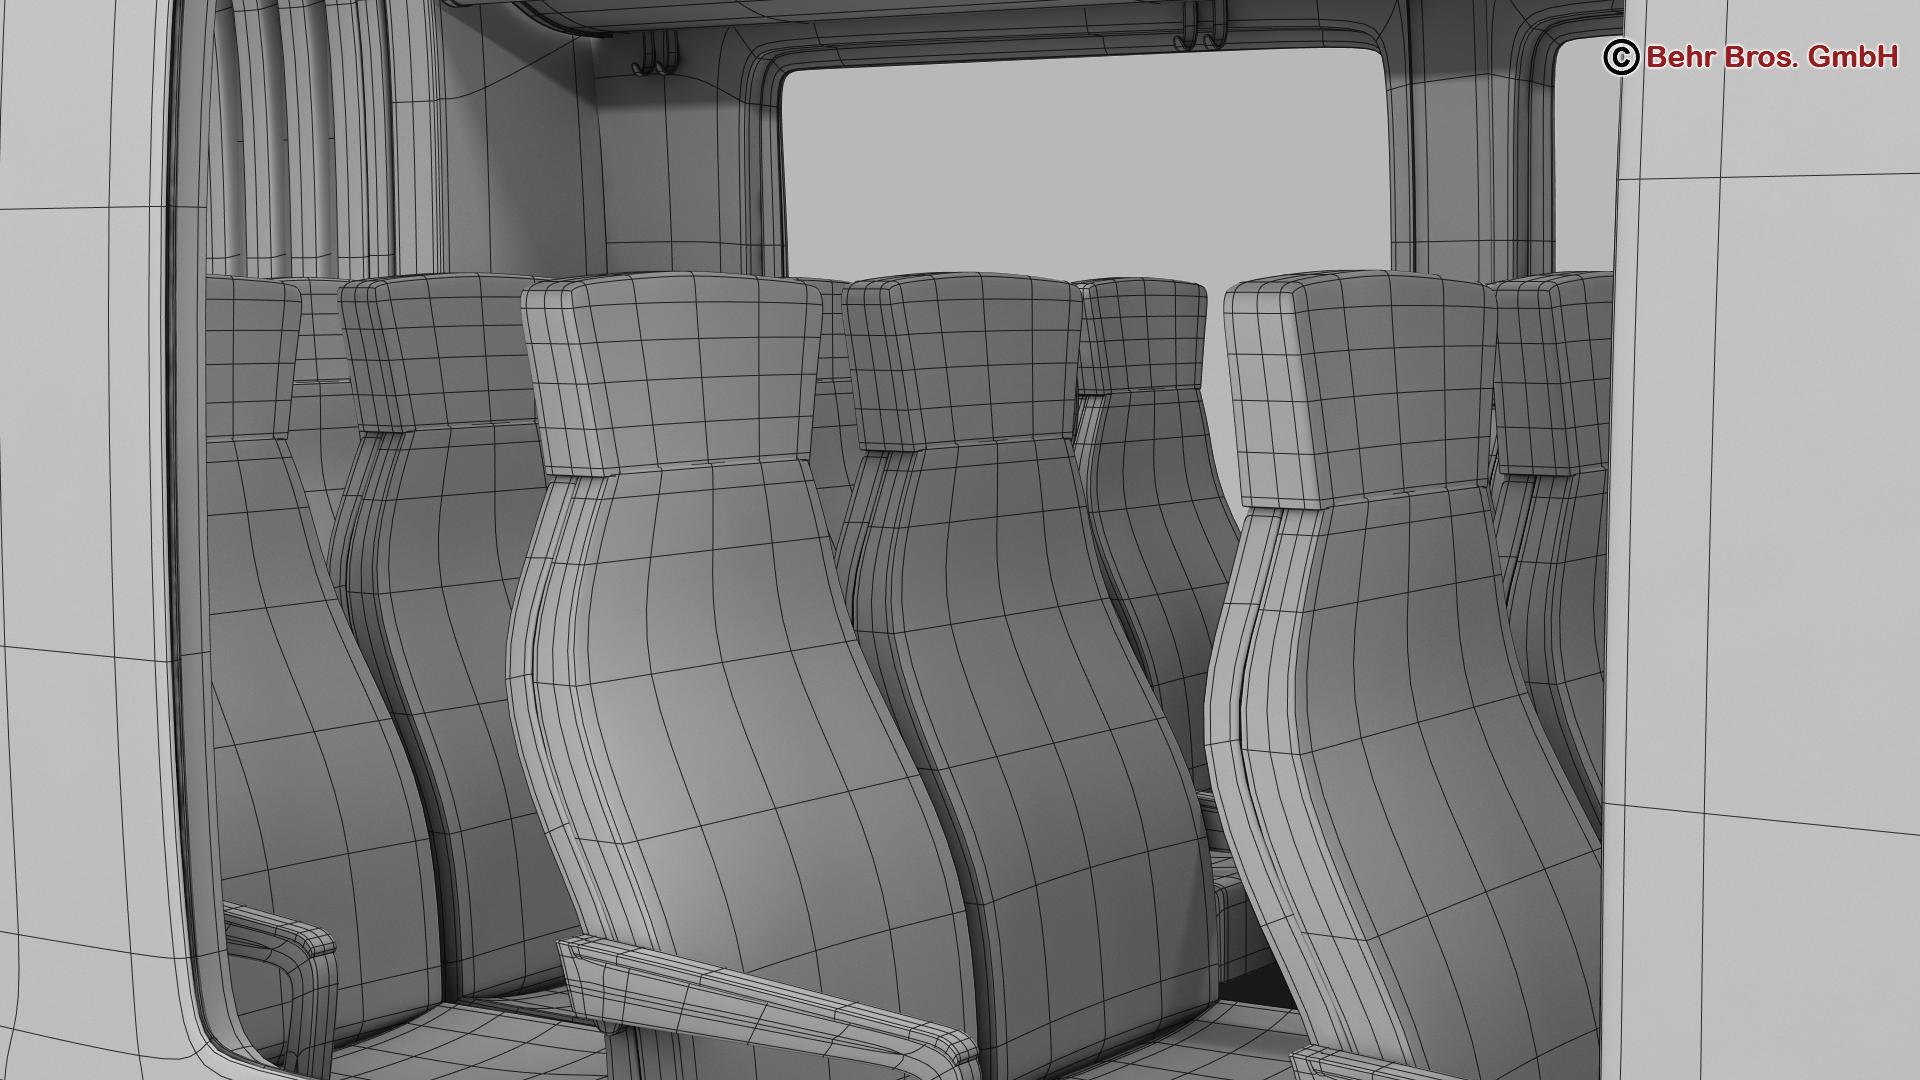 generic commuter train 3d model 3ds max fbx c4d ma mb obj 206640